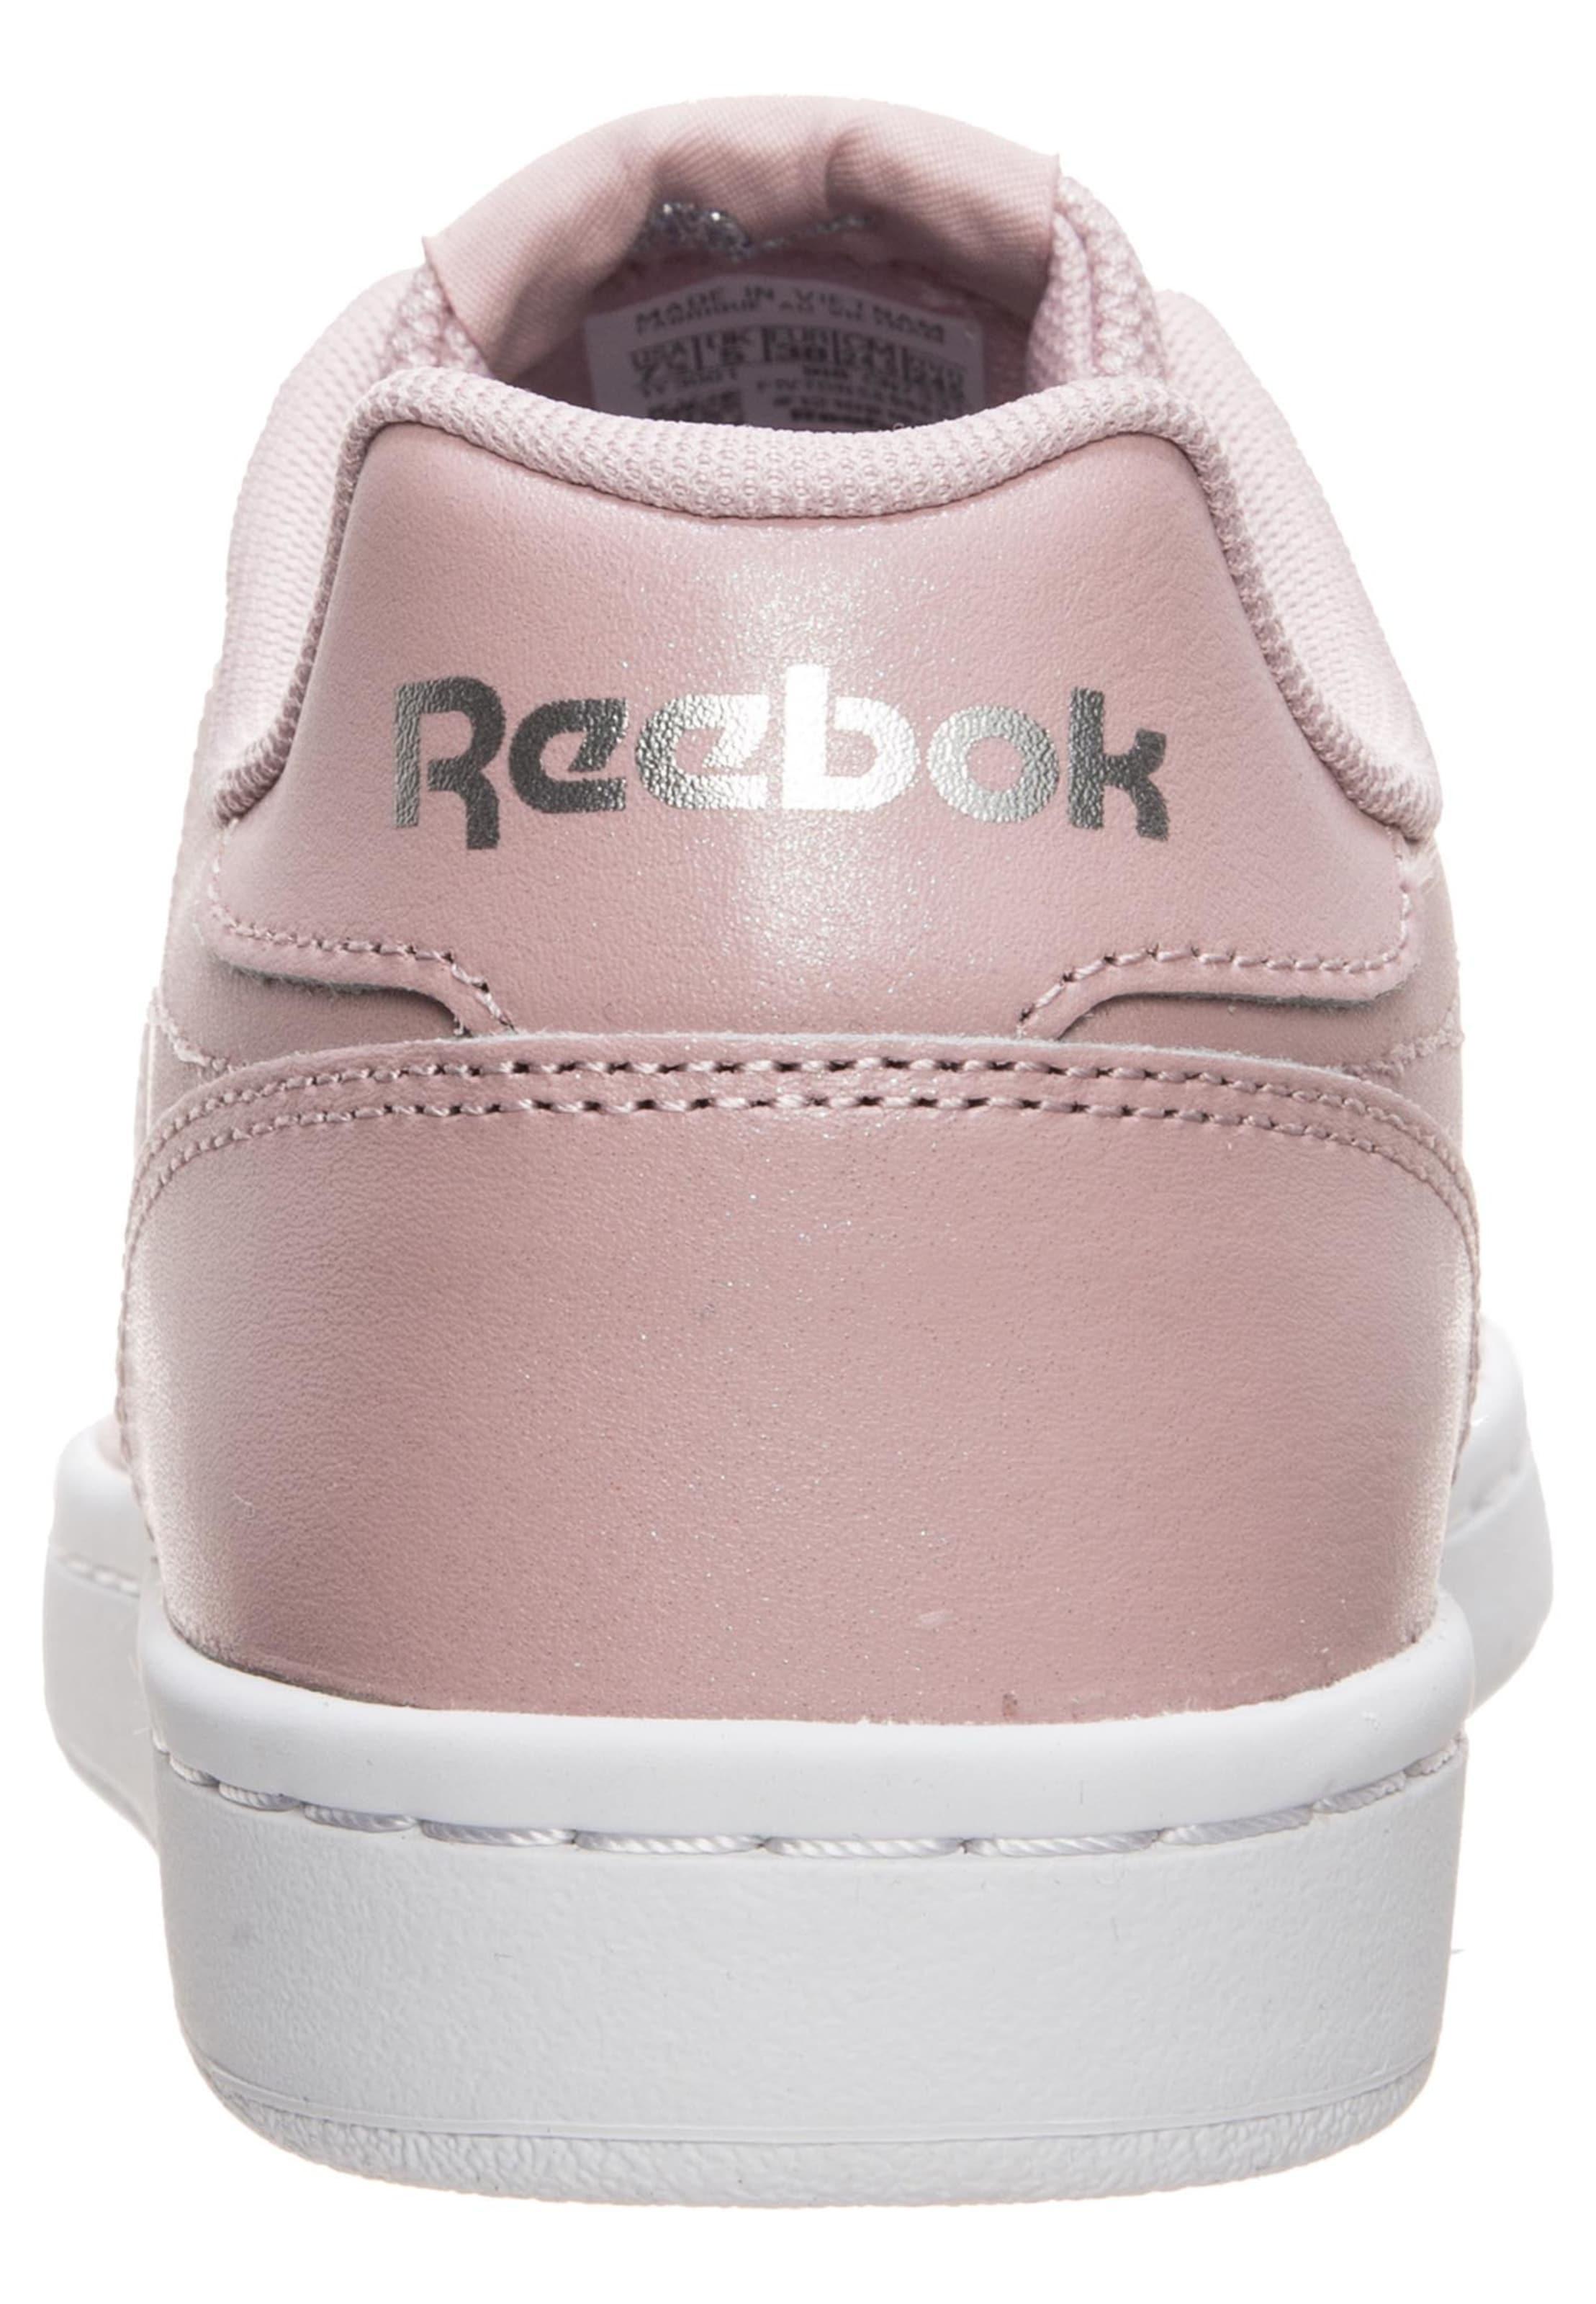 Basses En Reebok Baskets Classic RoseBlanc j34RL5A